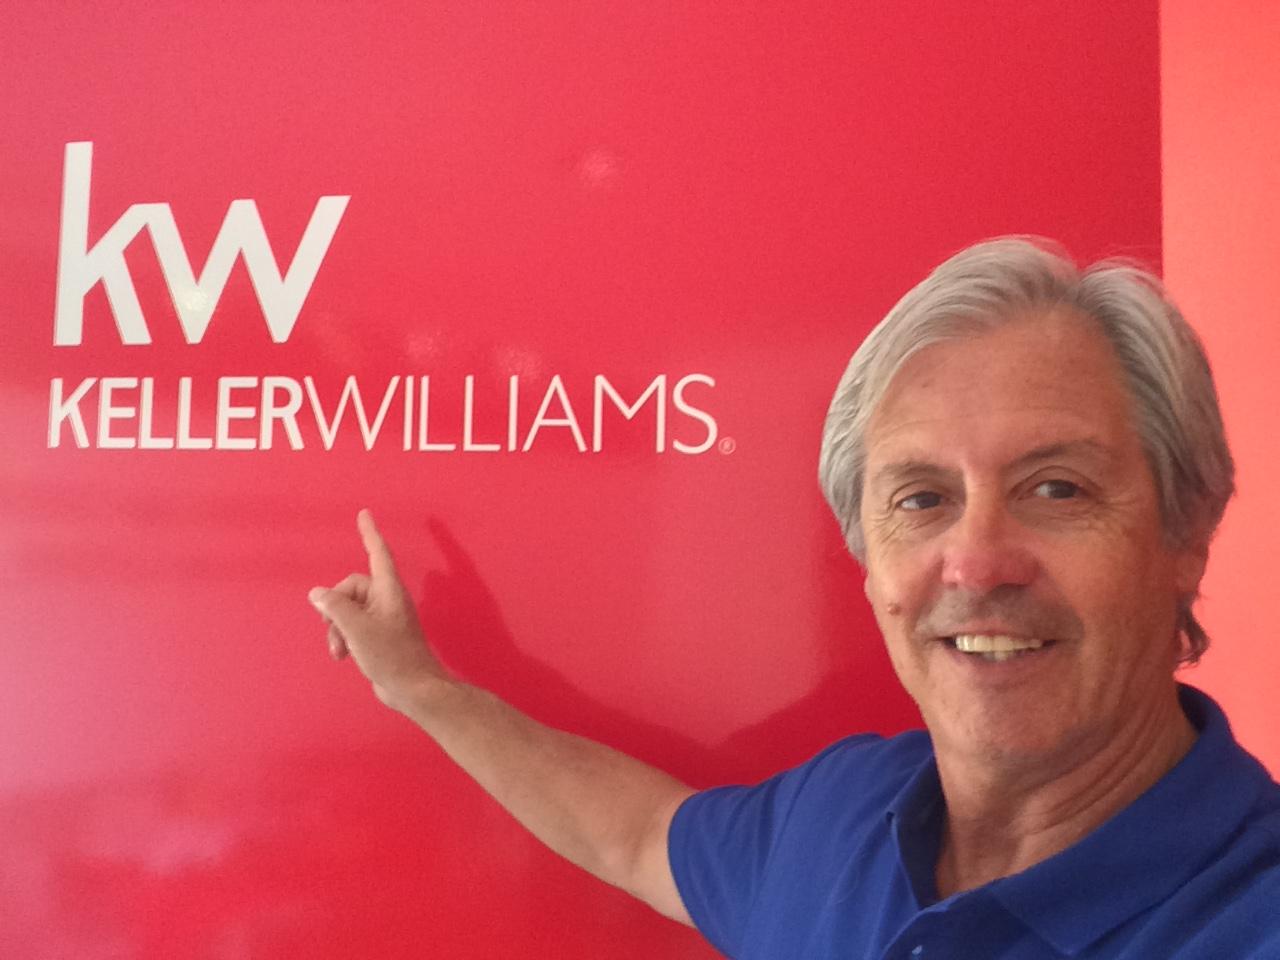 Luis Silva es uno de los líderes de KW y una magnífica persona